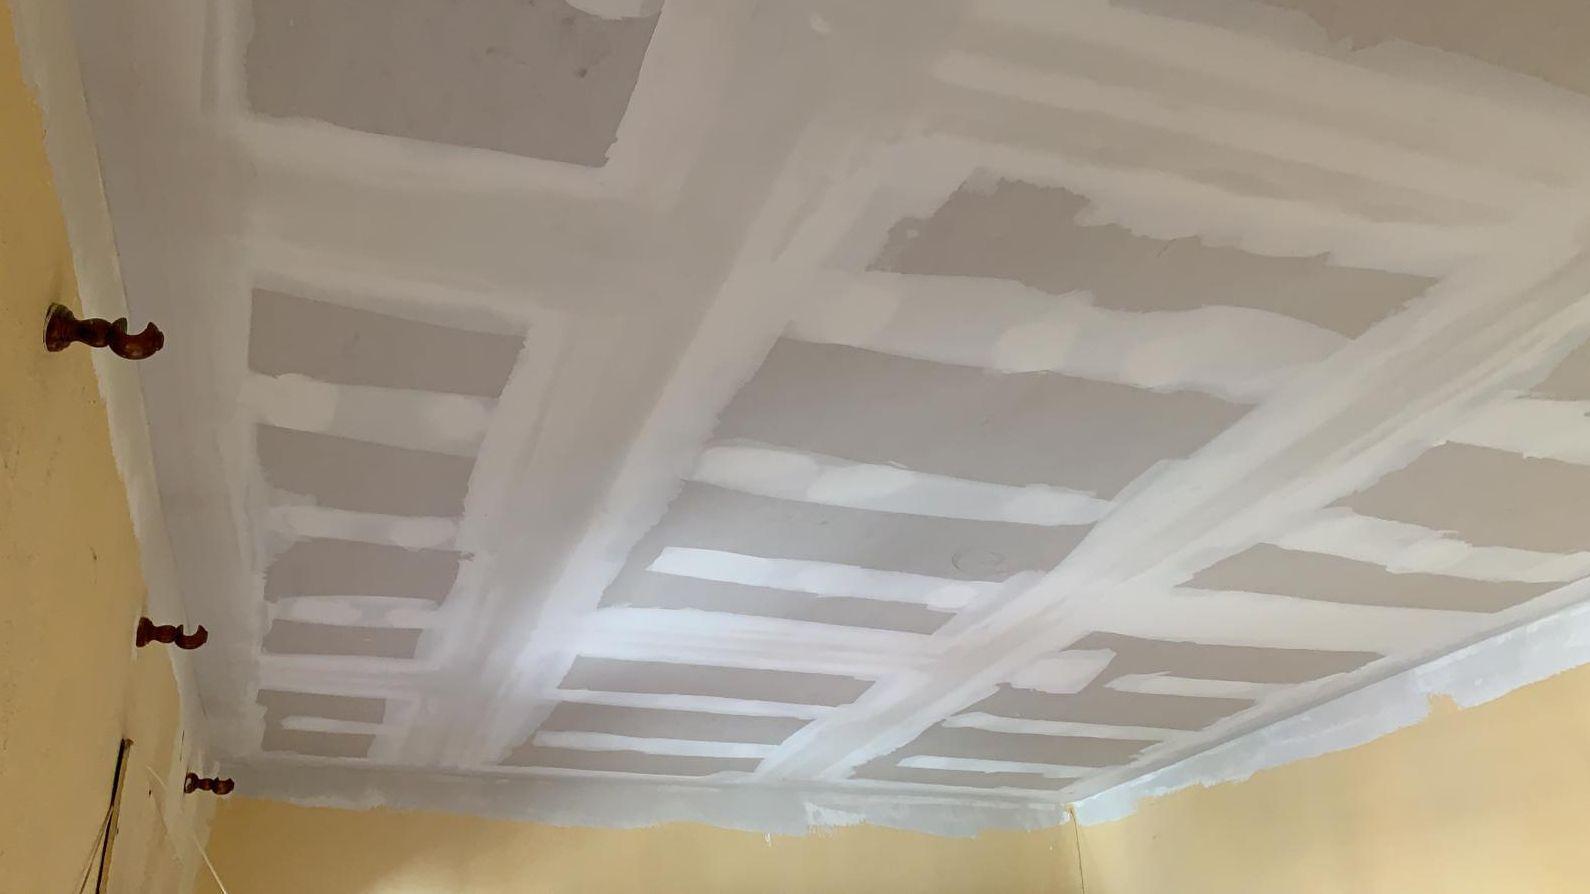 Instalación de falso techo de pladur